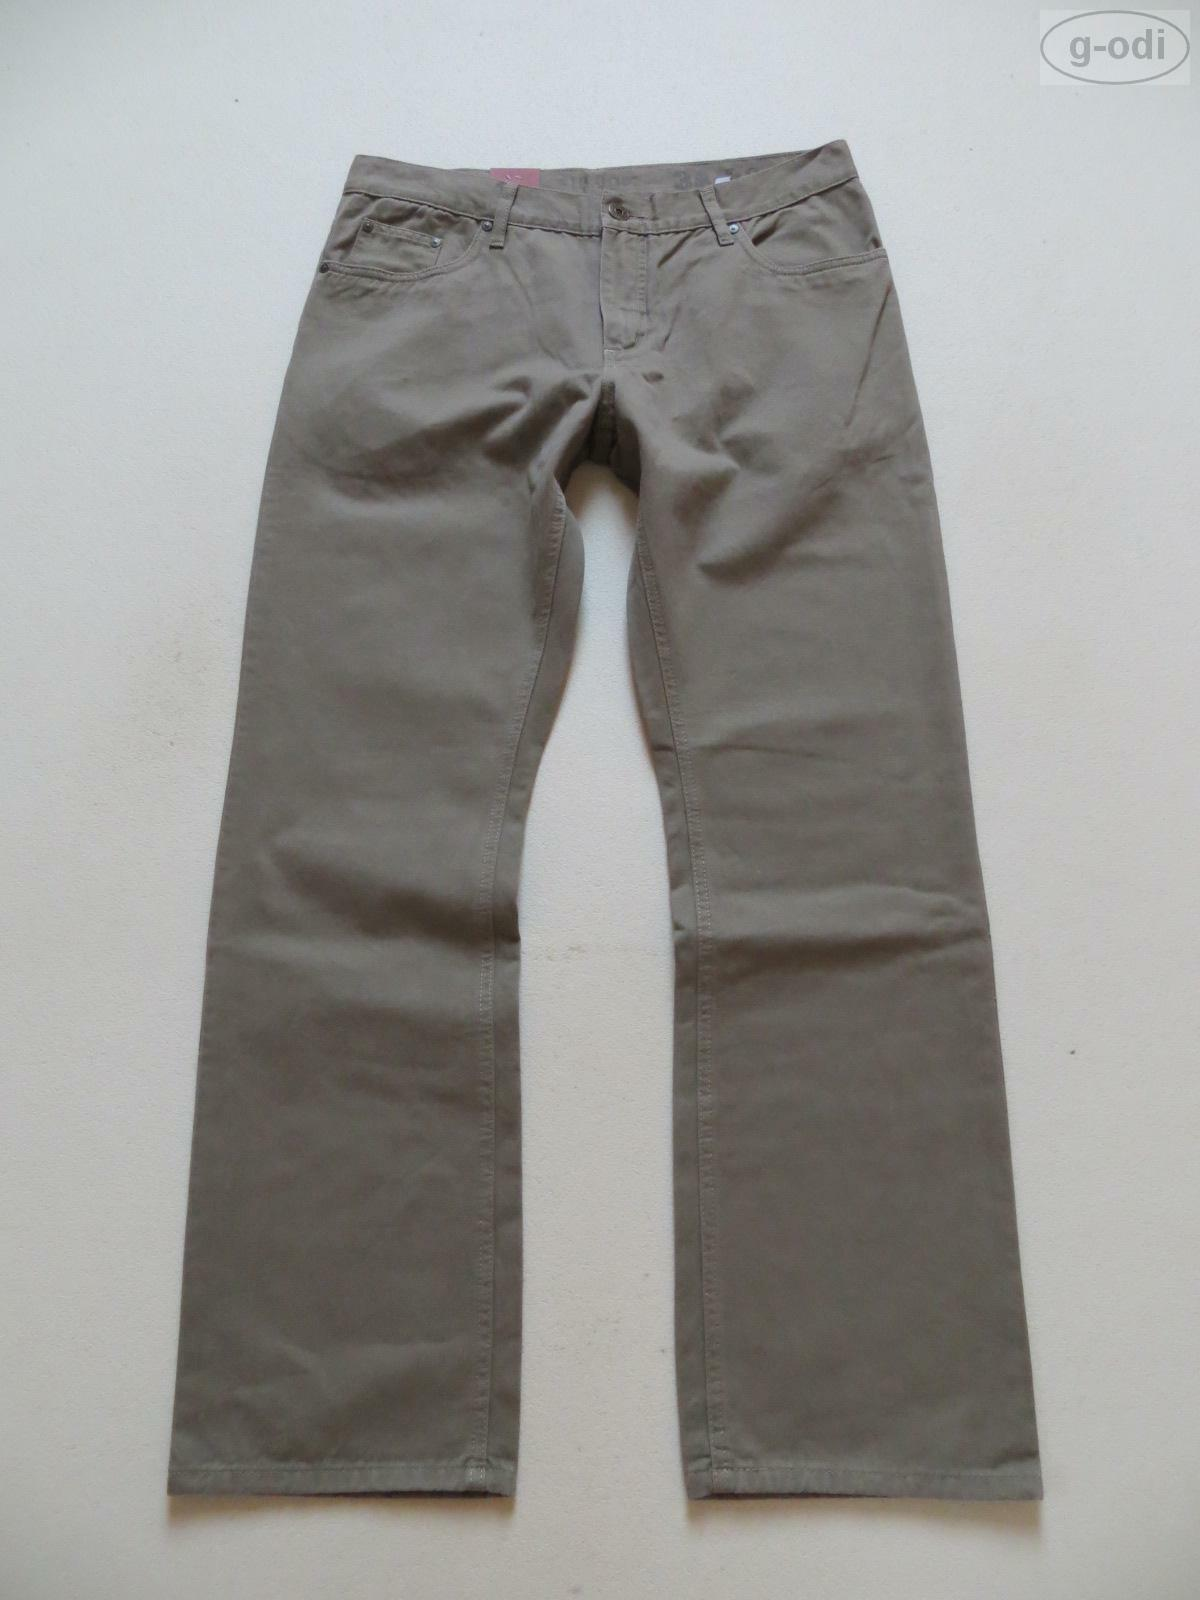 HERO Medoox DENVER Jeans Hose, W 36  L 30, NEU   Coloured Denim, Trend Farbe